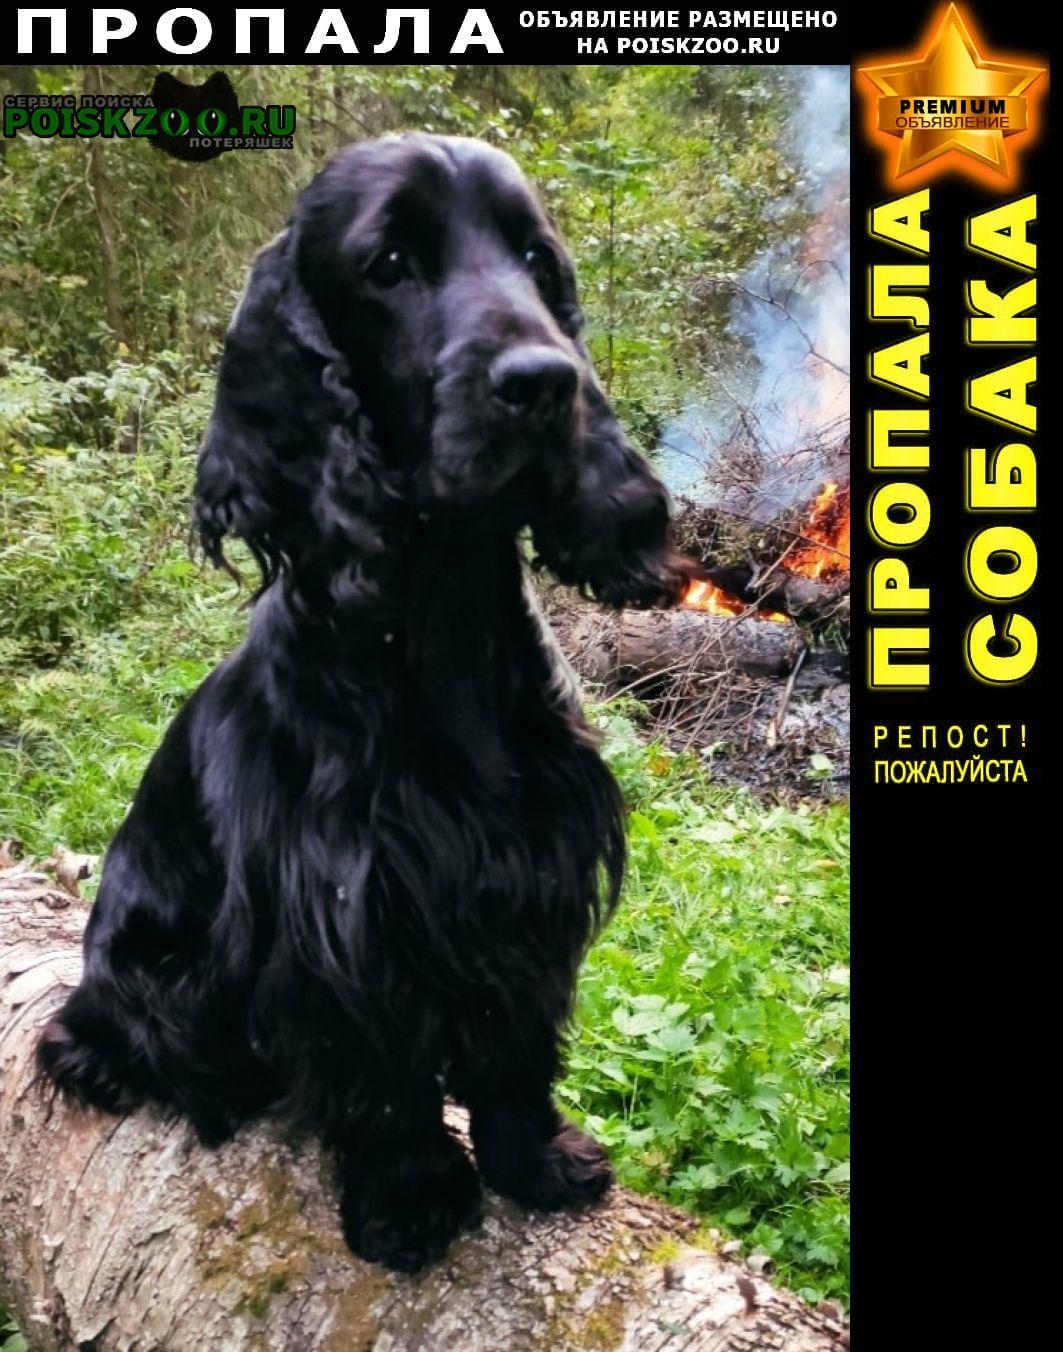 Пропала собака кокер спаниель Солнечногорск